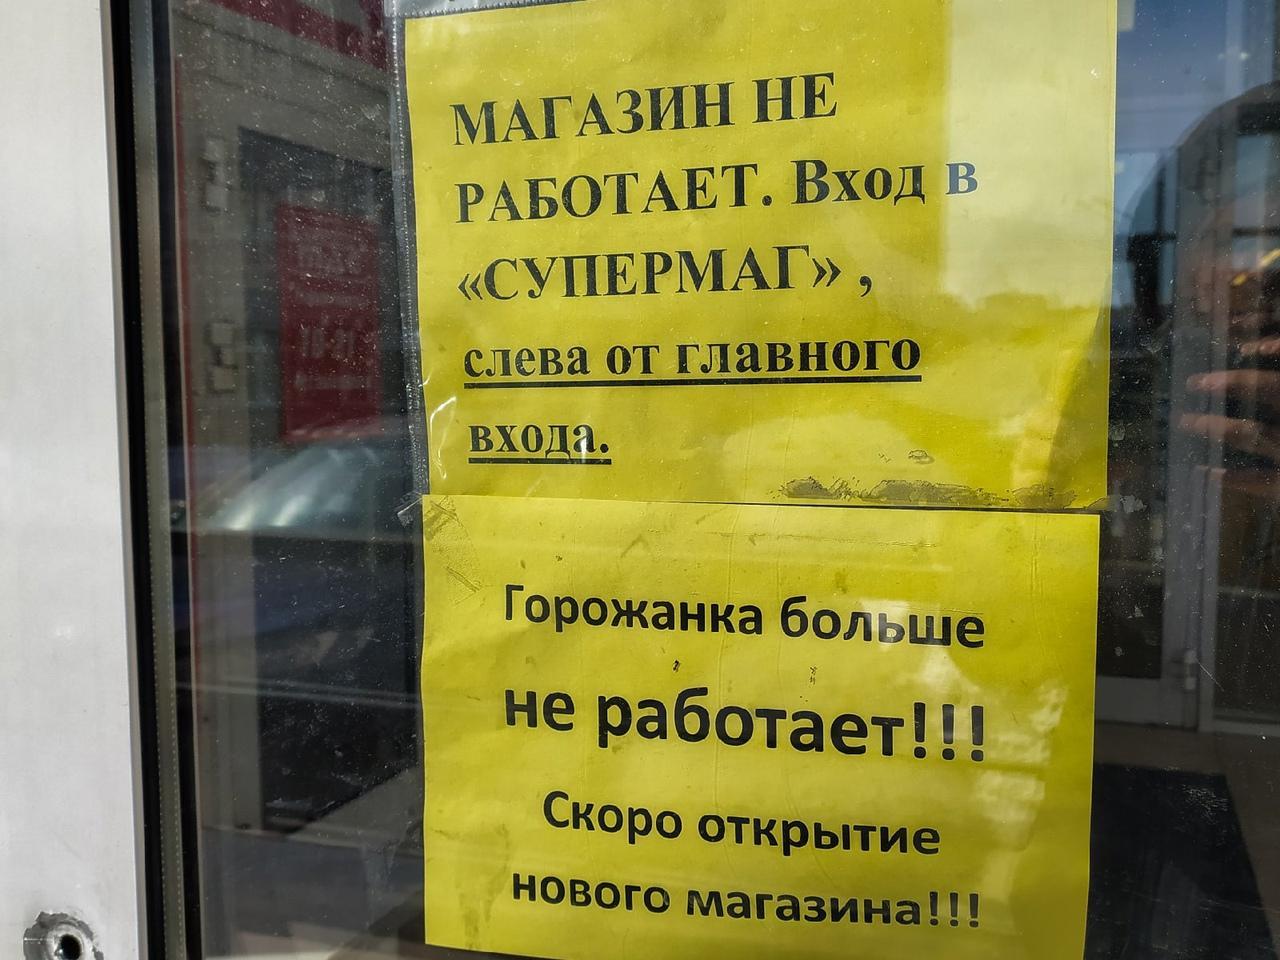 фото Крах «Гиганта»: почему с рынка Новосибирска уходит легендарный ритейлер и кто придёт ему на смену 5